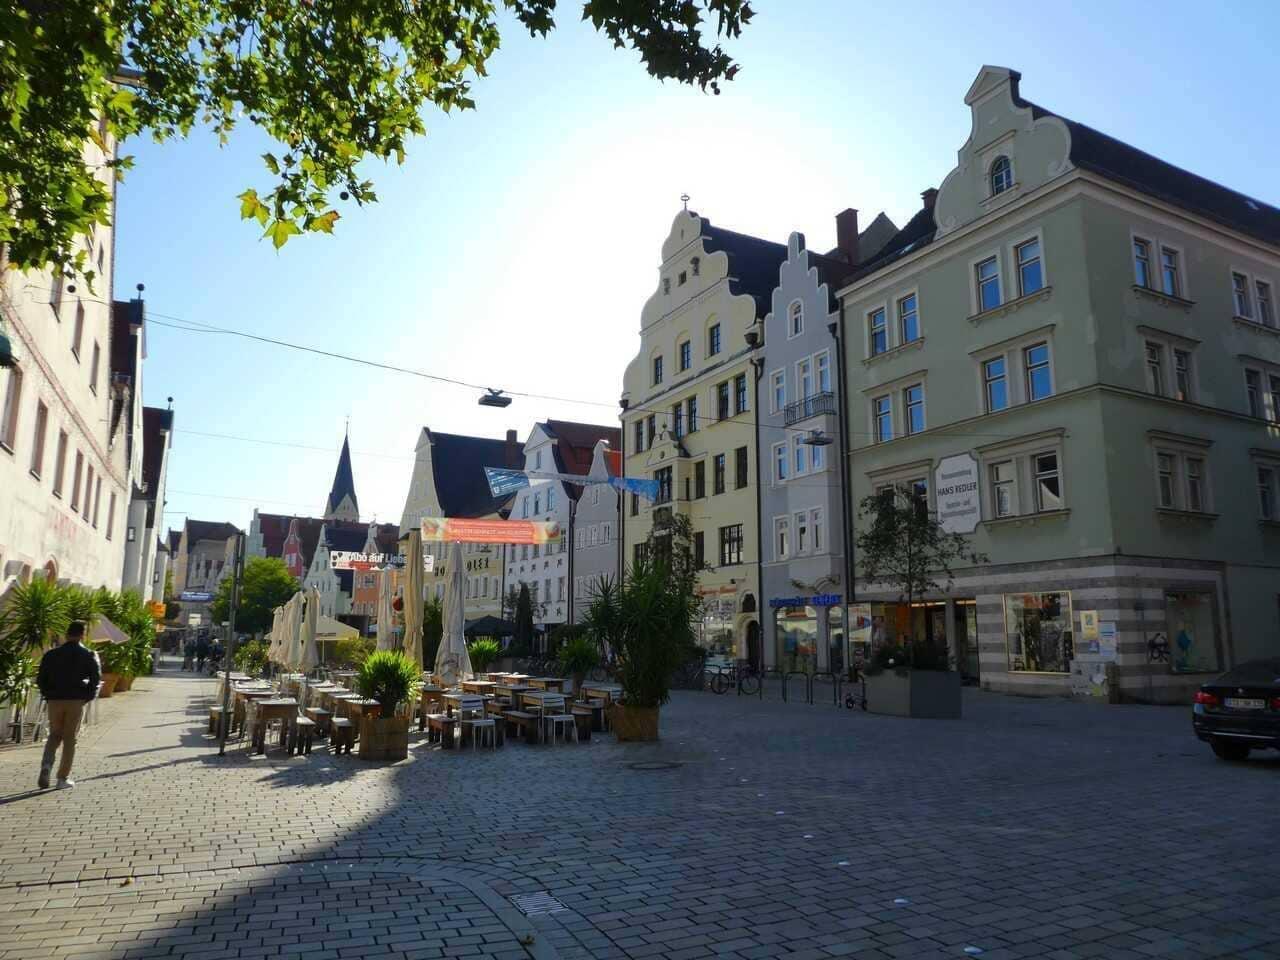 ingolstadt rue principale du centre historique